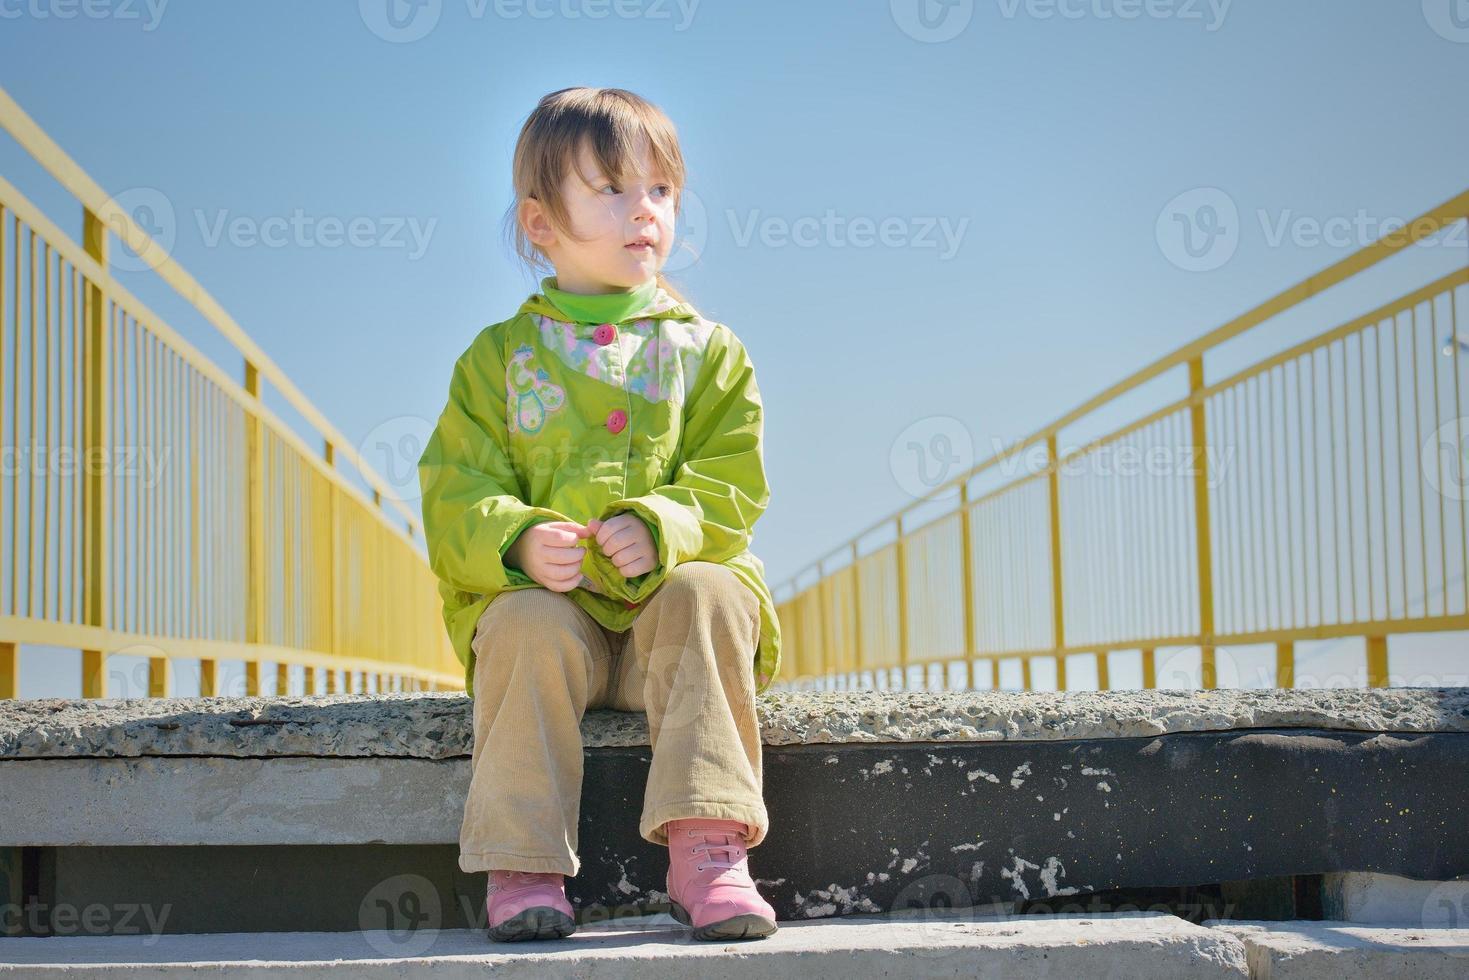 petite fille dans les escaliers regarde ailleurs photo